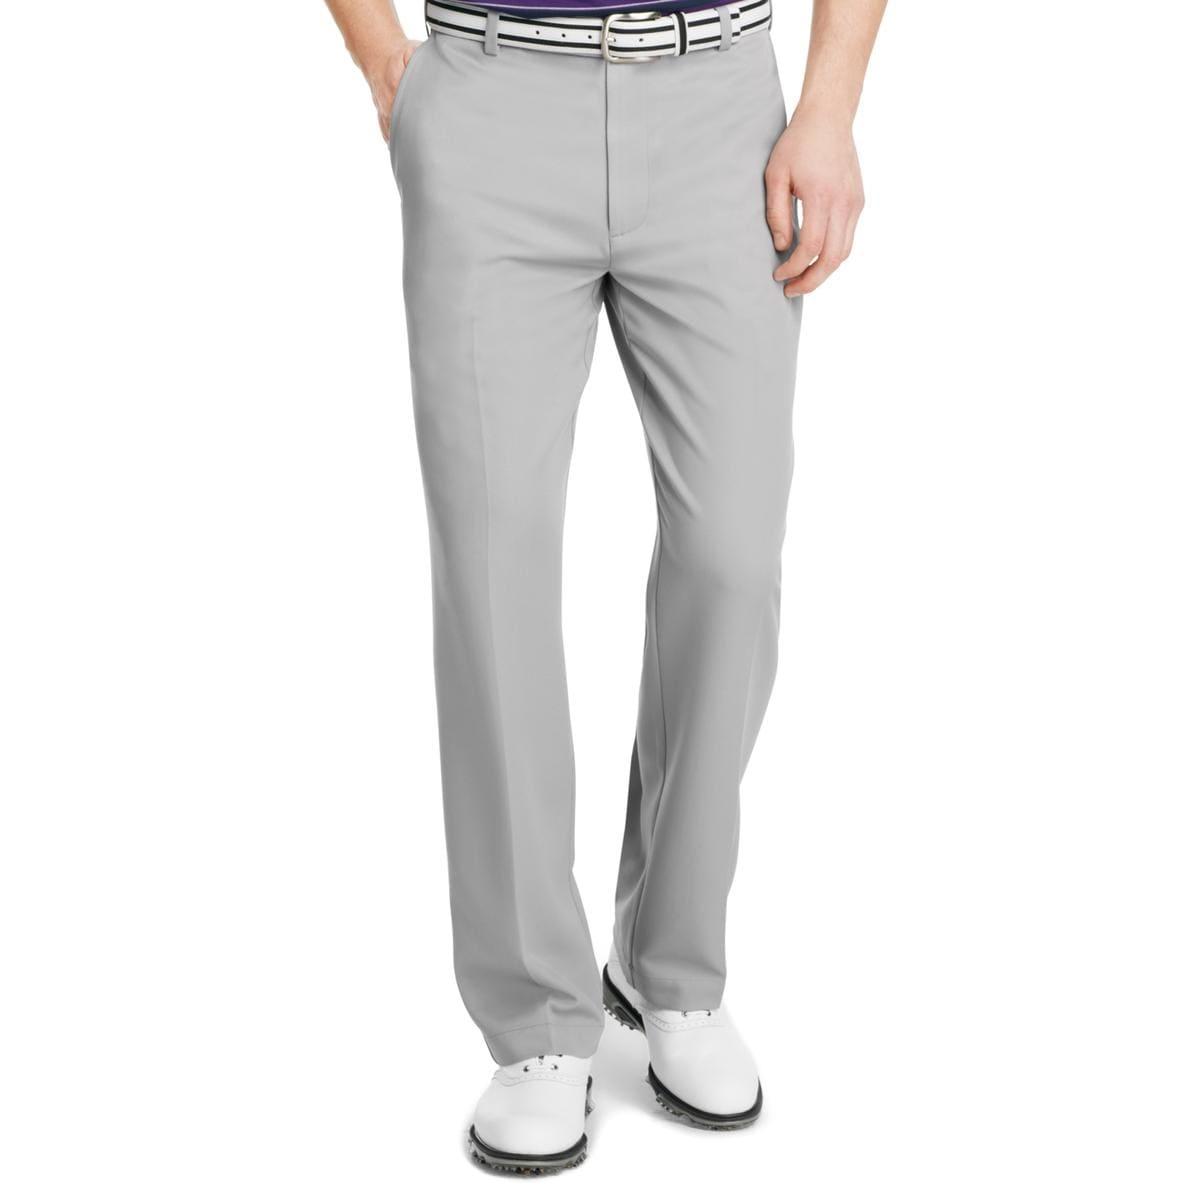 NEW IZOD Men/'s Sportflex Stretch Chino Straight Pants VARIETY